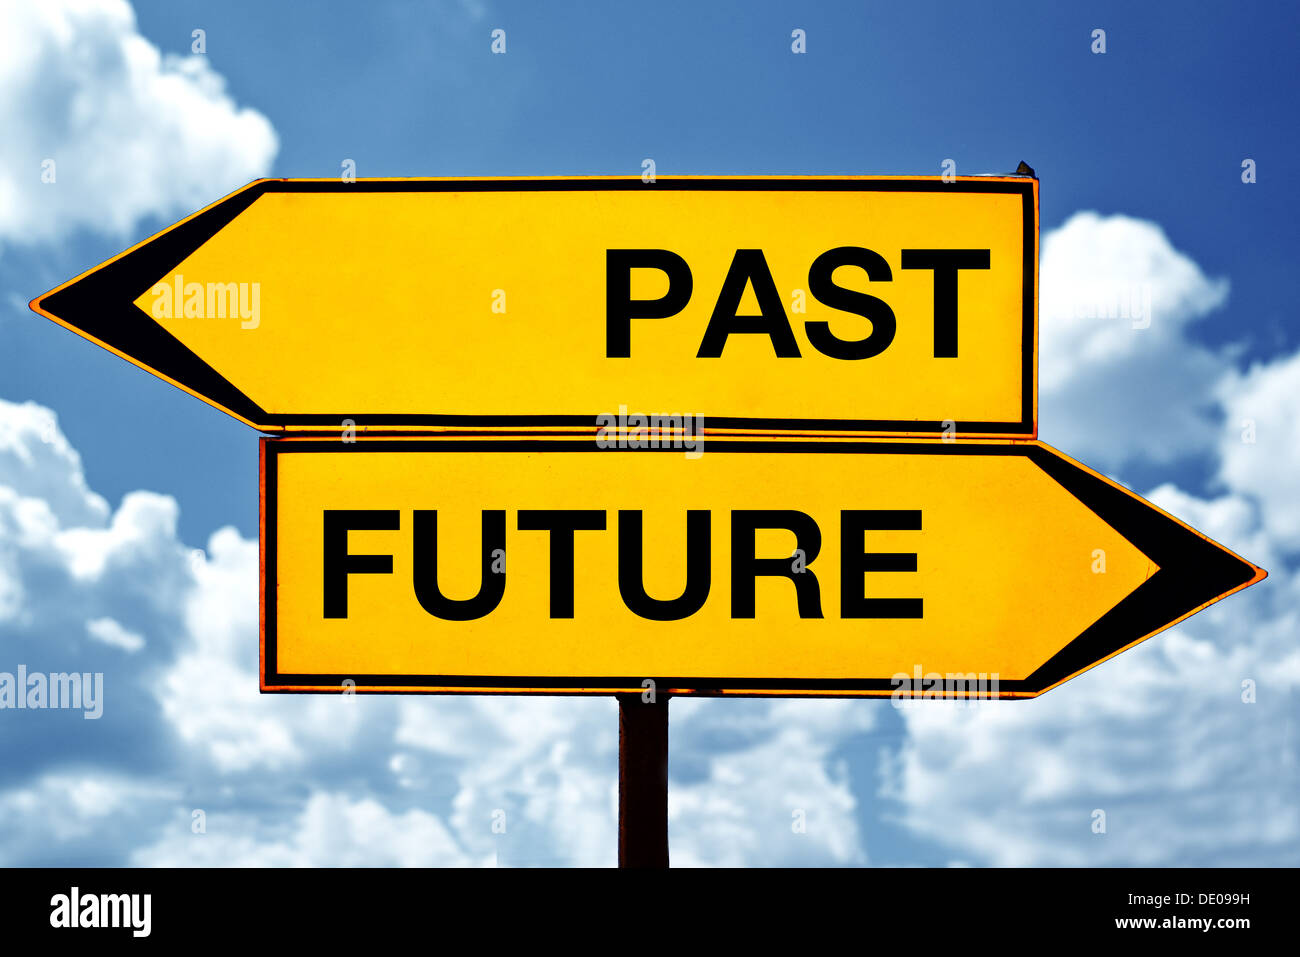 Passé ou futur, de signes opposés. Deux signes opposés contre fond de ciel bleu. Photo Stock